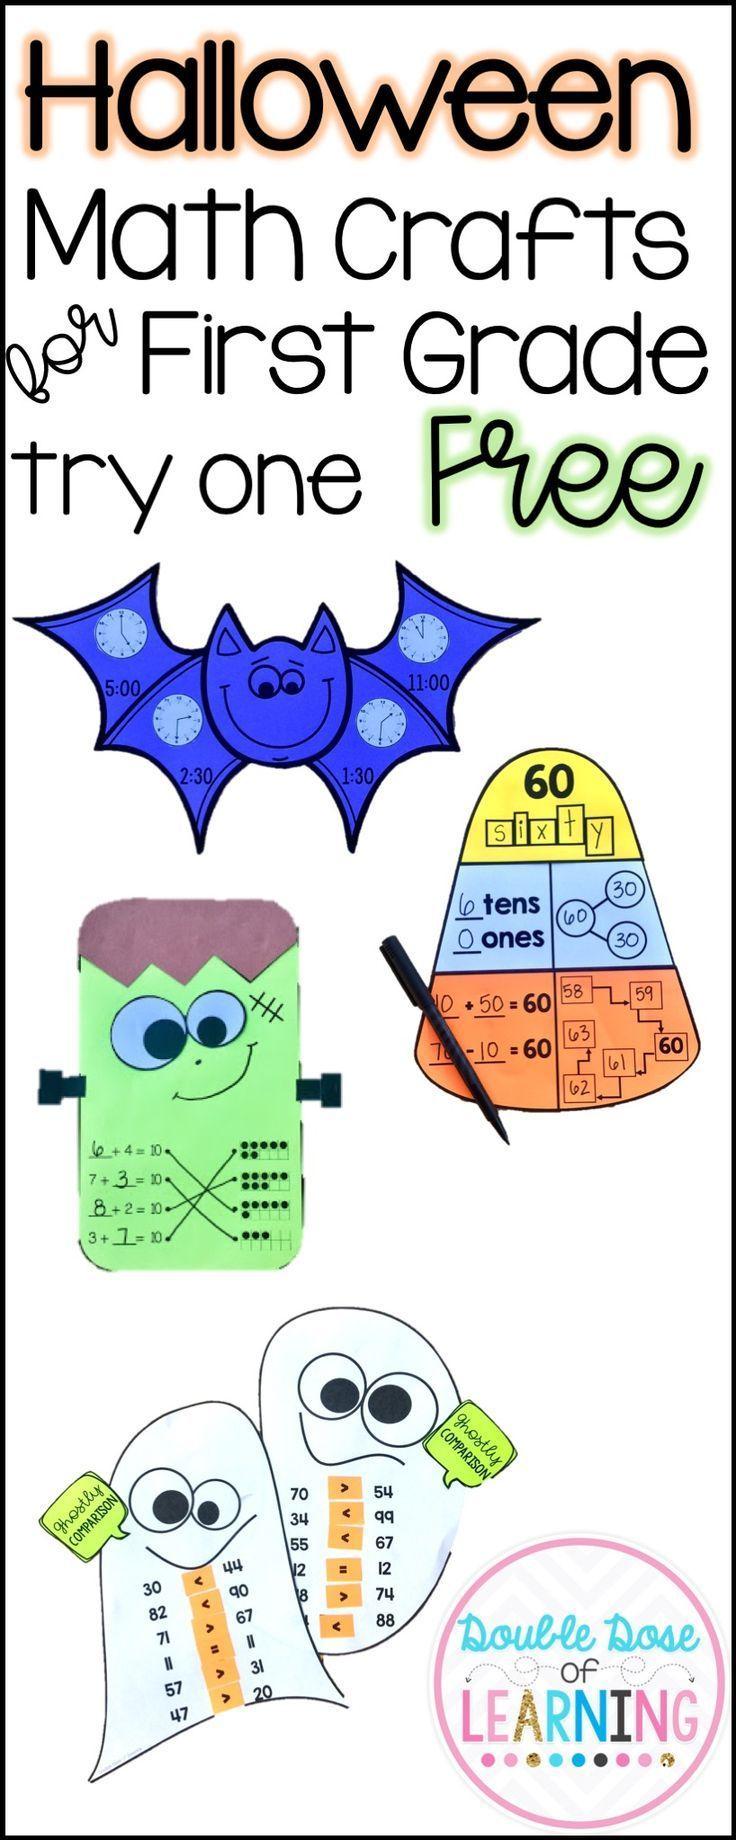 Halloween Math Crafts For First Grade Halloween Math Activities Math Crafts Halloween Math [ 1840 x 736 Pixel ]